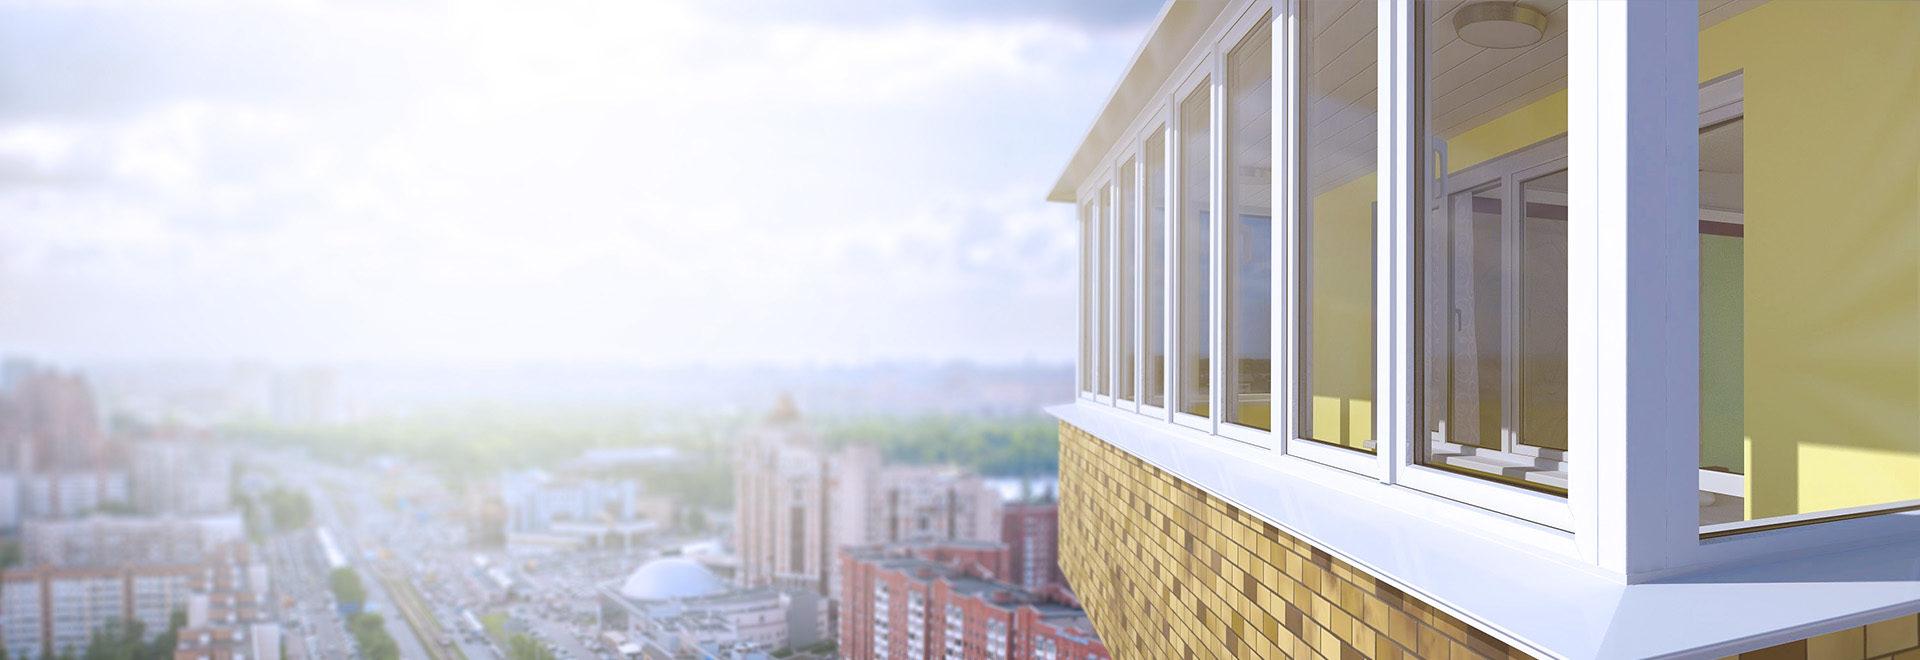 Картинка фоновая балконы Глазов